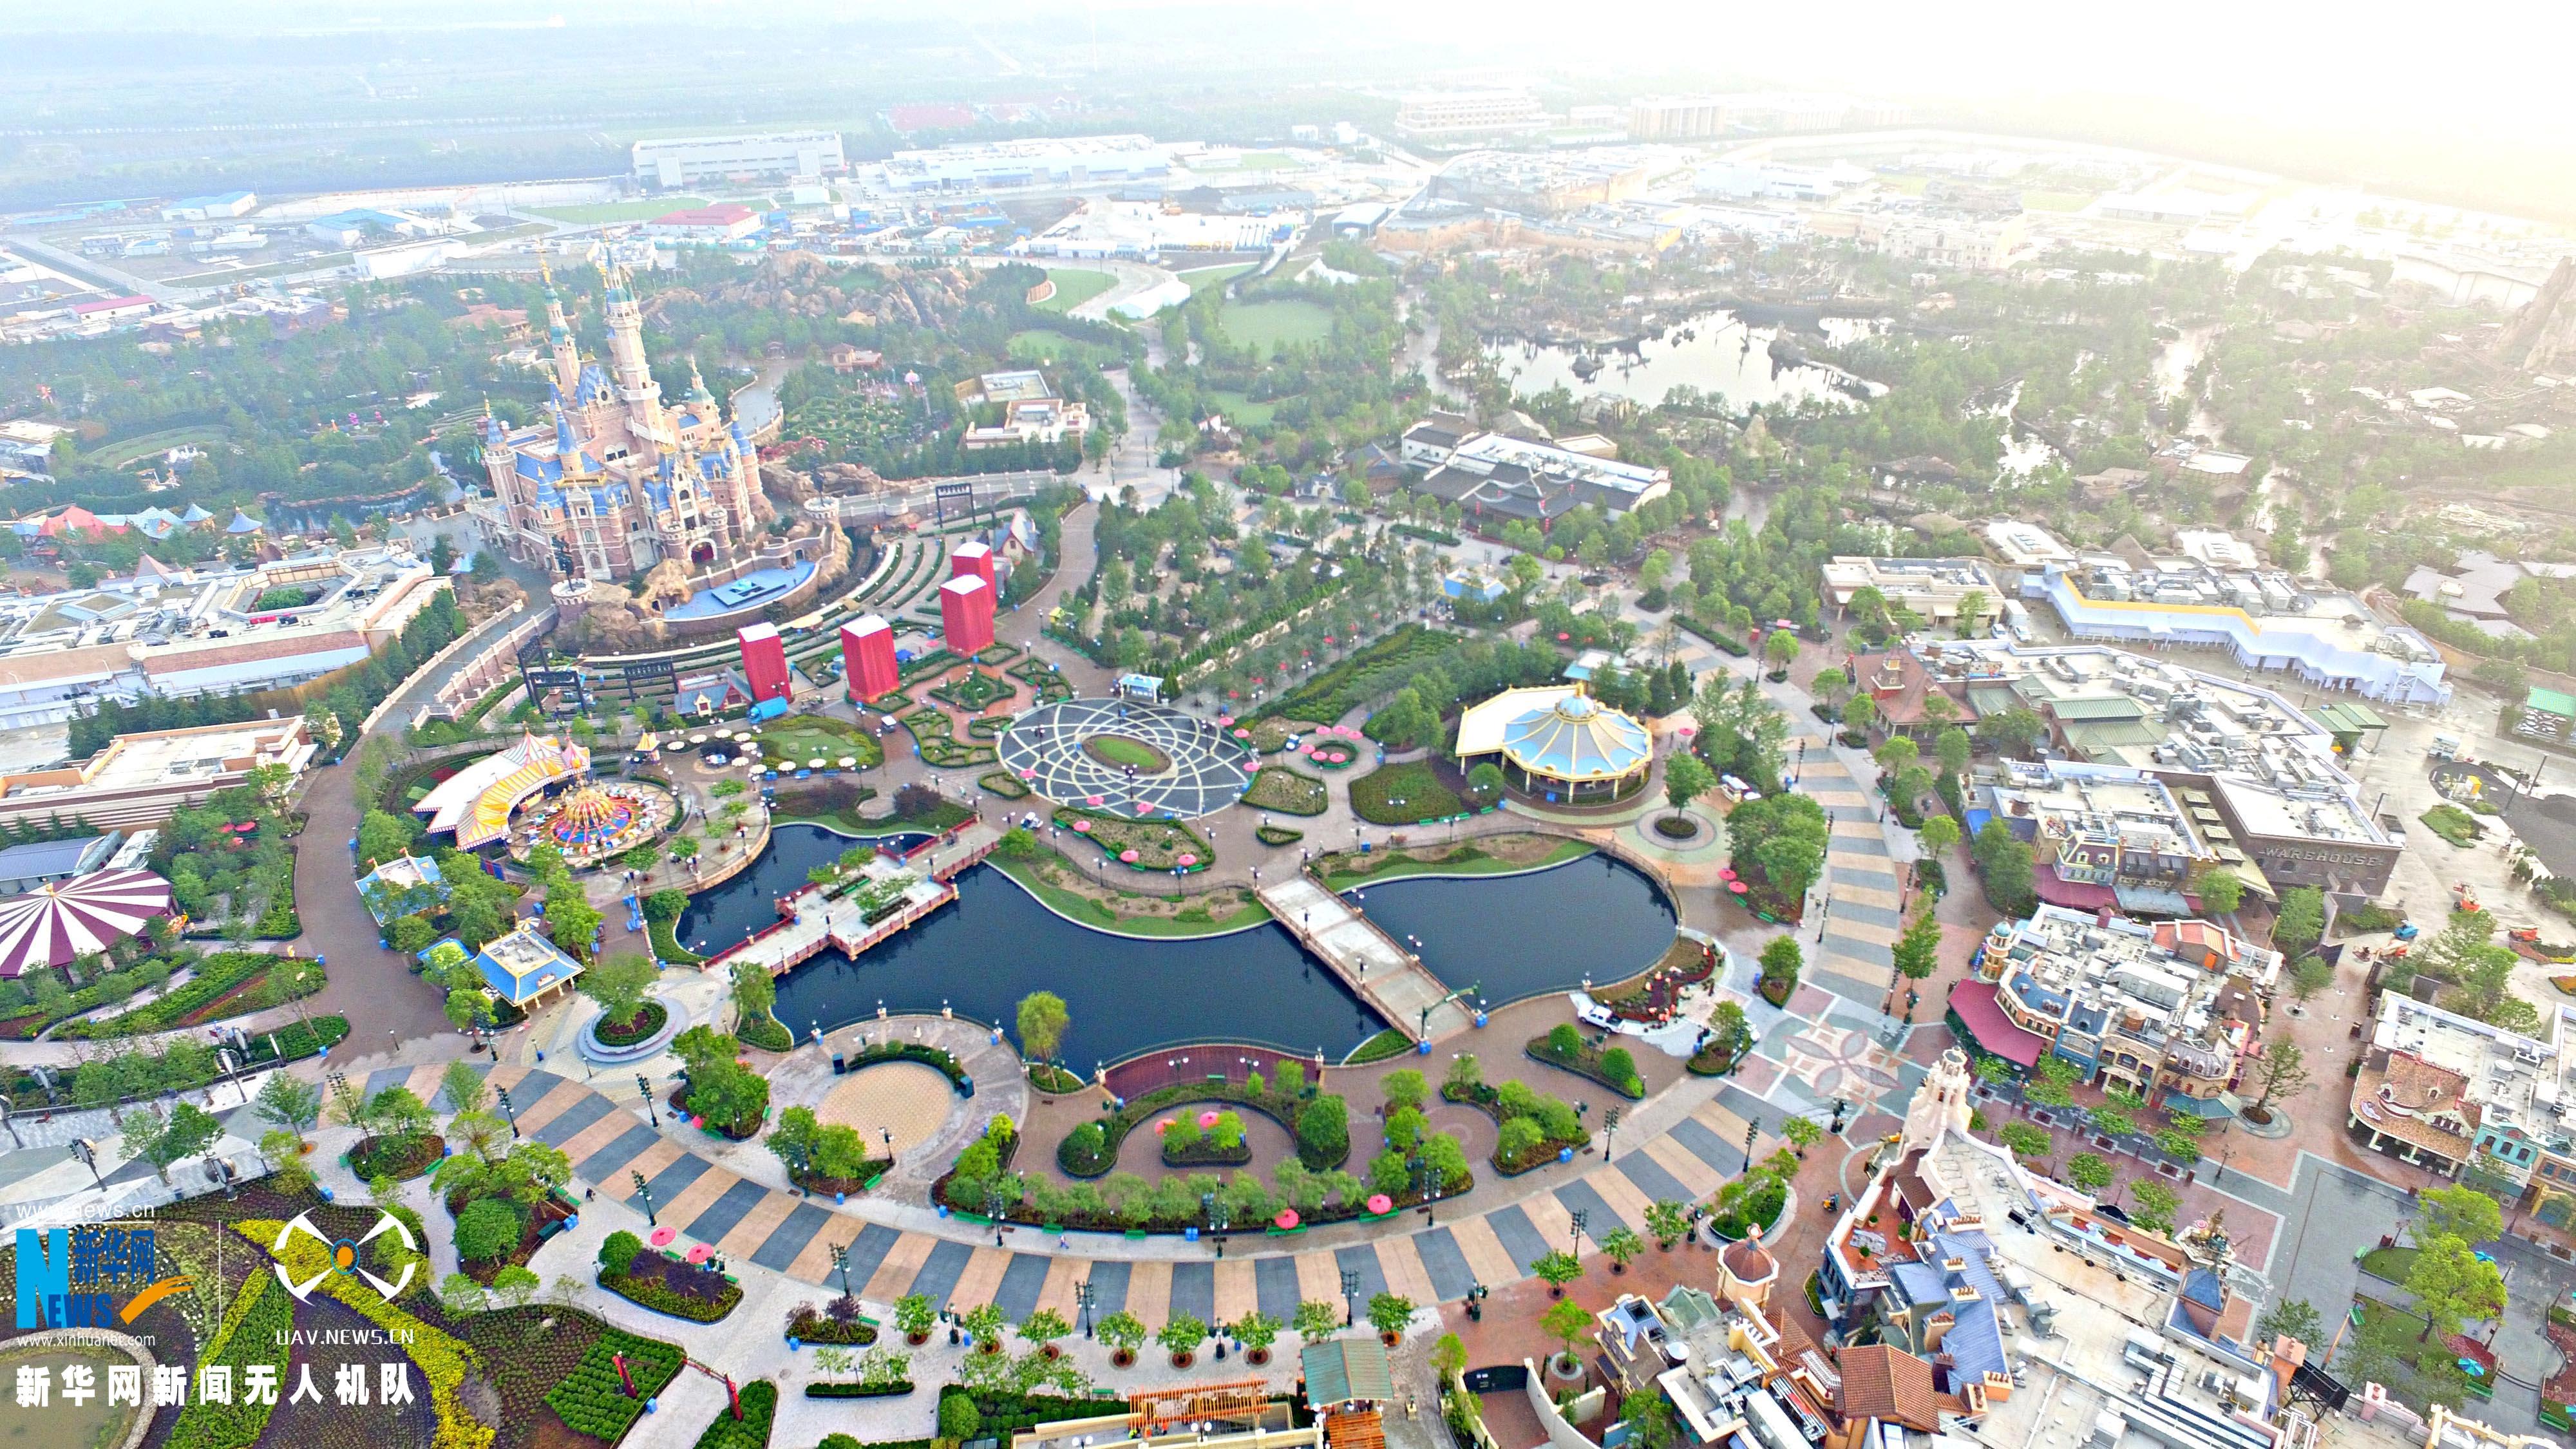 美爆了!航拍晨光下的上海迪士尼乐园 - 人在上海    - 中国新闻画报